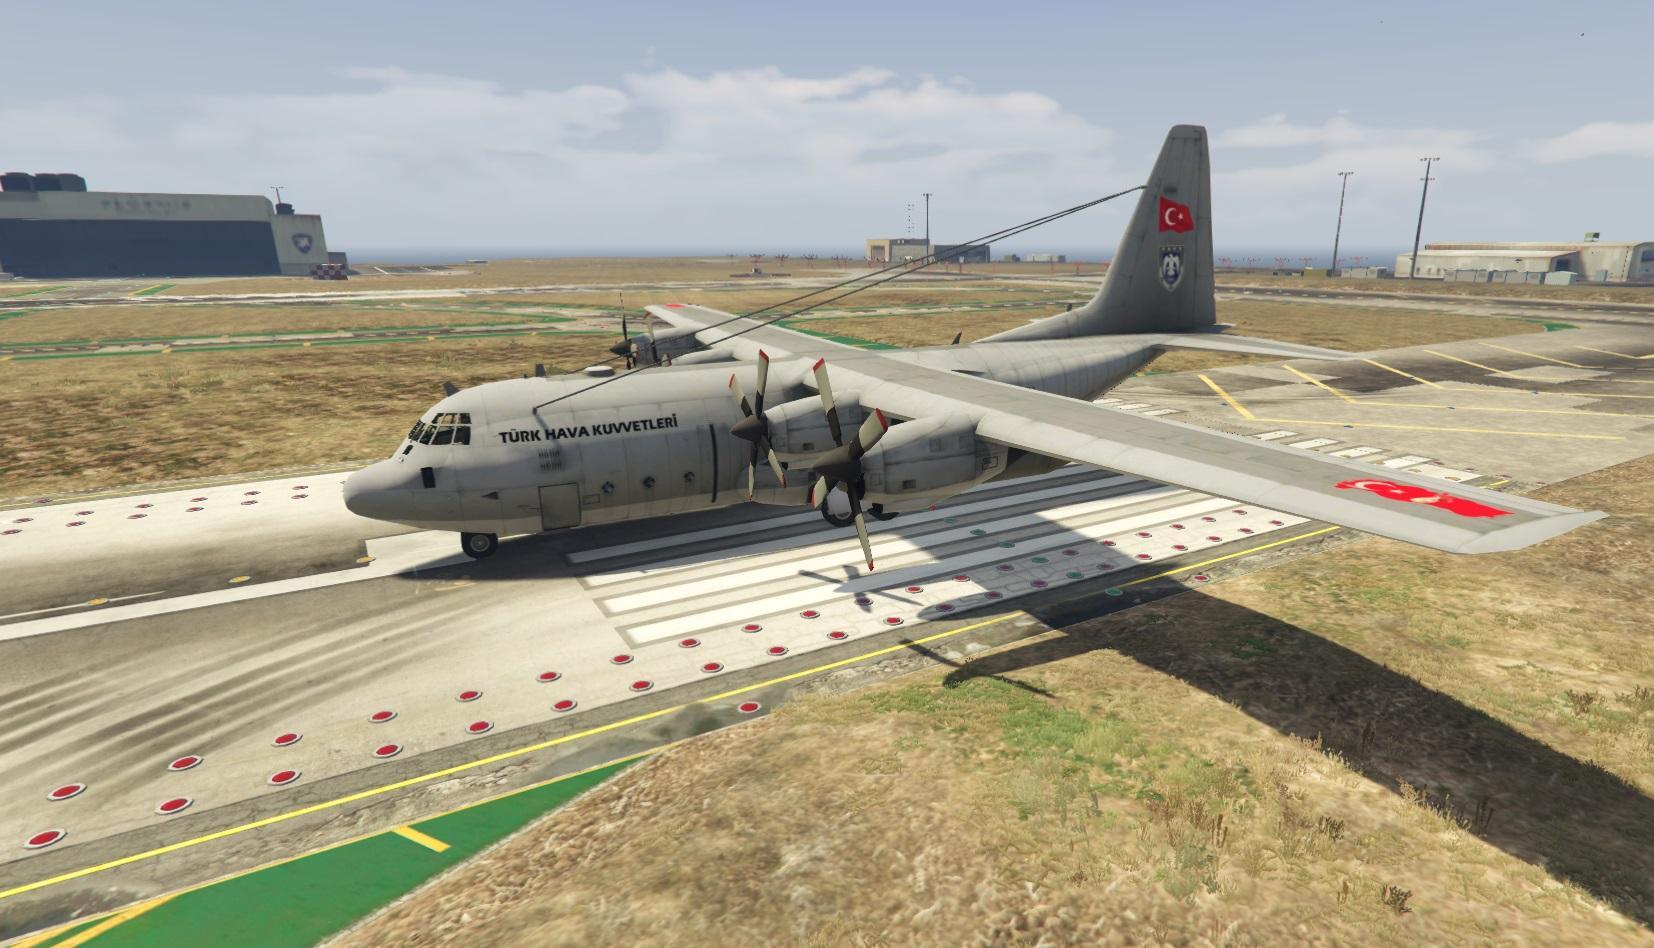 Türk Hava Kuvvetleri C-130 /Turkish Air Forces C-130 ...